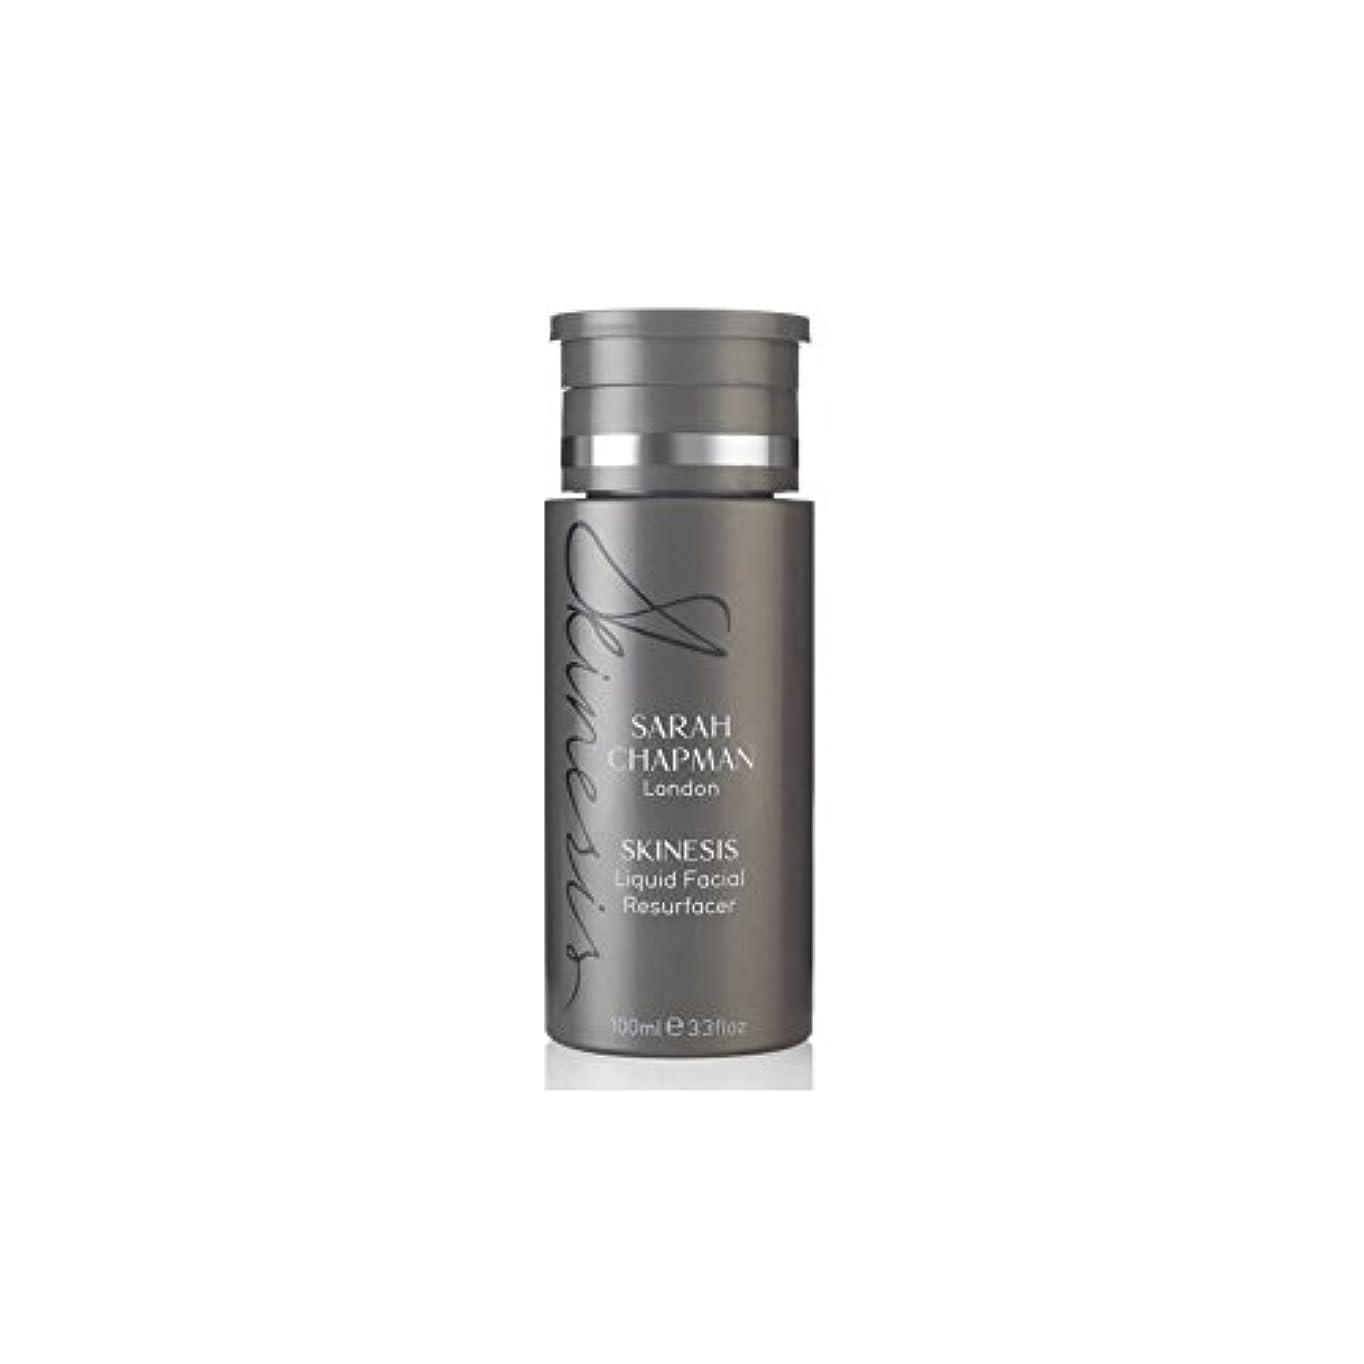 テクニカル絞る銀行Sarah Chapman Skinesis Liquid Facial Resurfacer (100ml) (Pack of 6) - サラチャップマン液体顔(100)に x6 [並行輸入品]